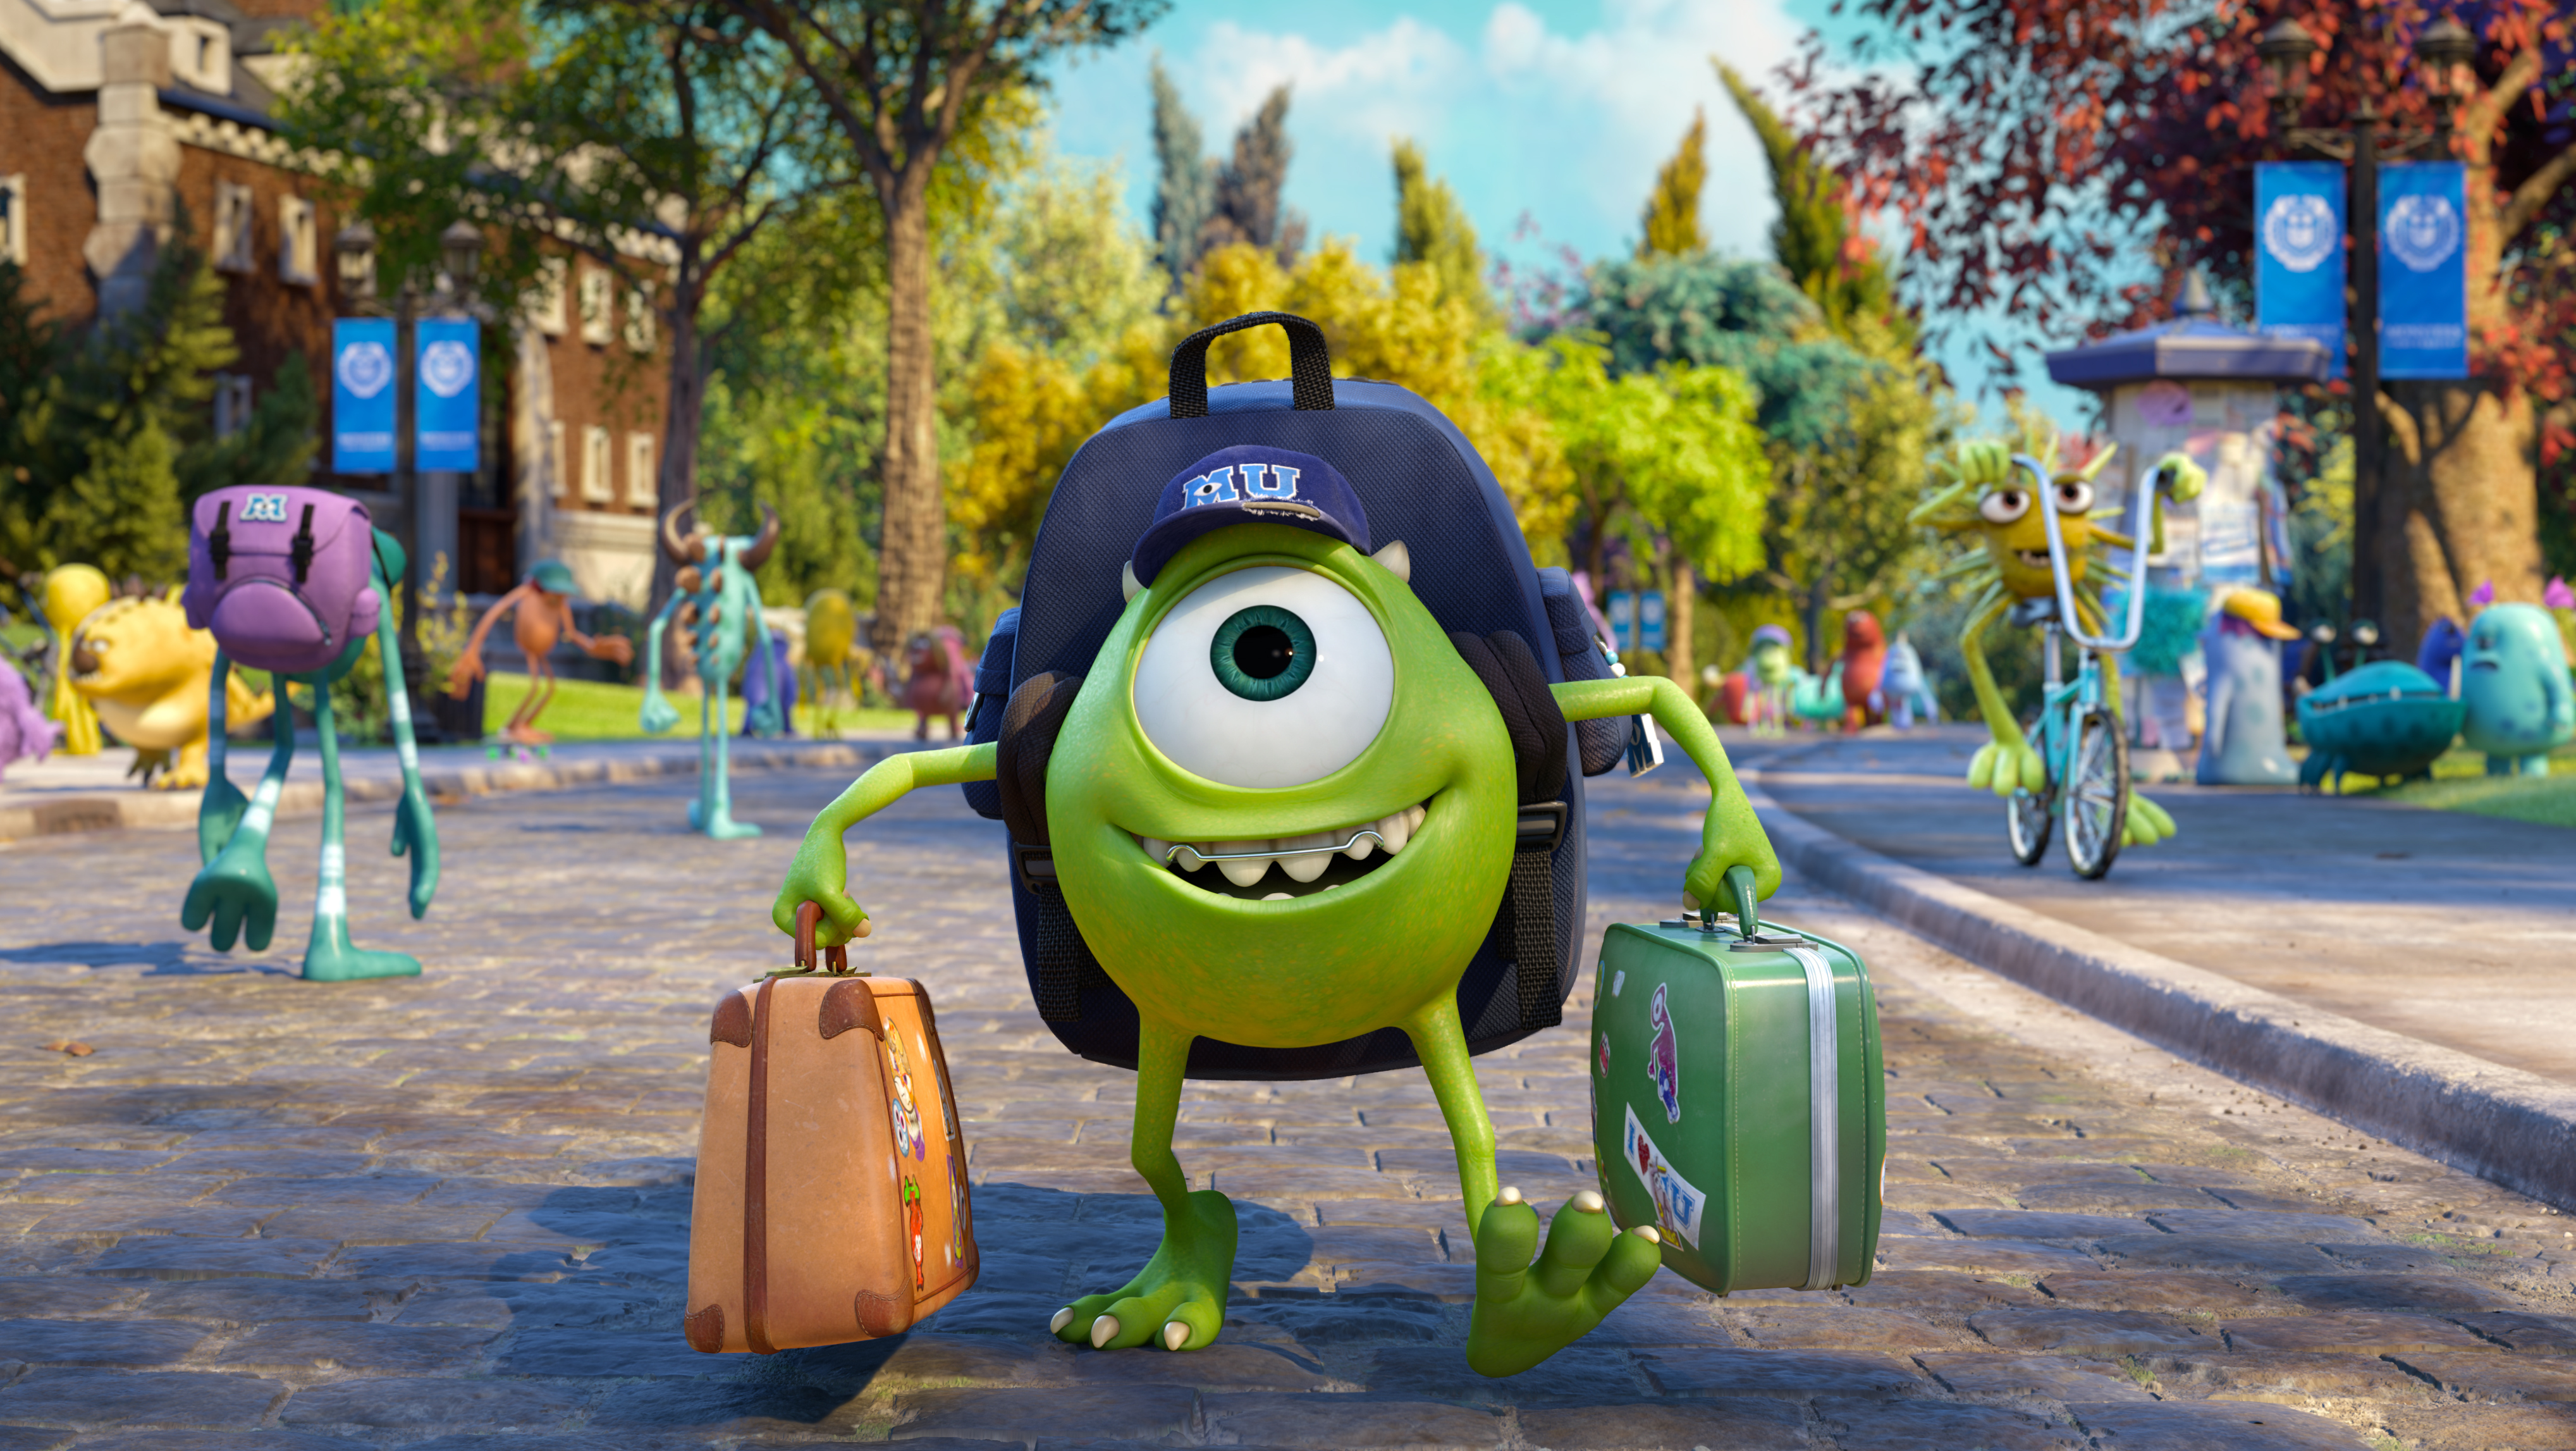 Pixar Backgrounds, Compatible - PC, Mobile, Gadgets| 4074x2294 px